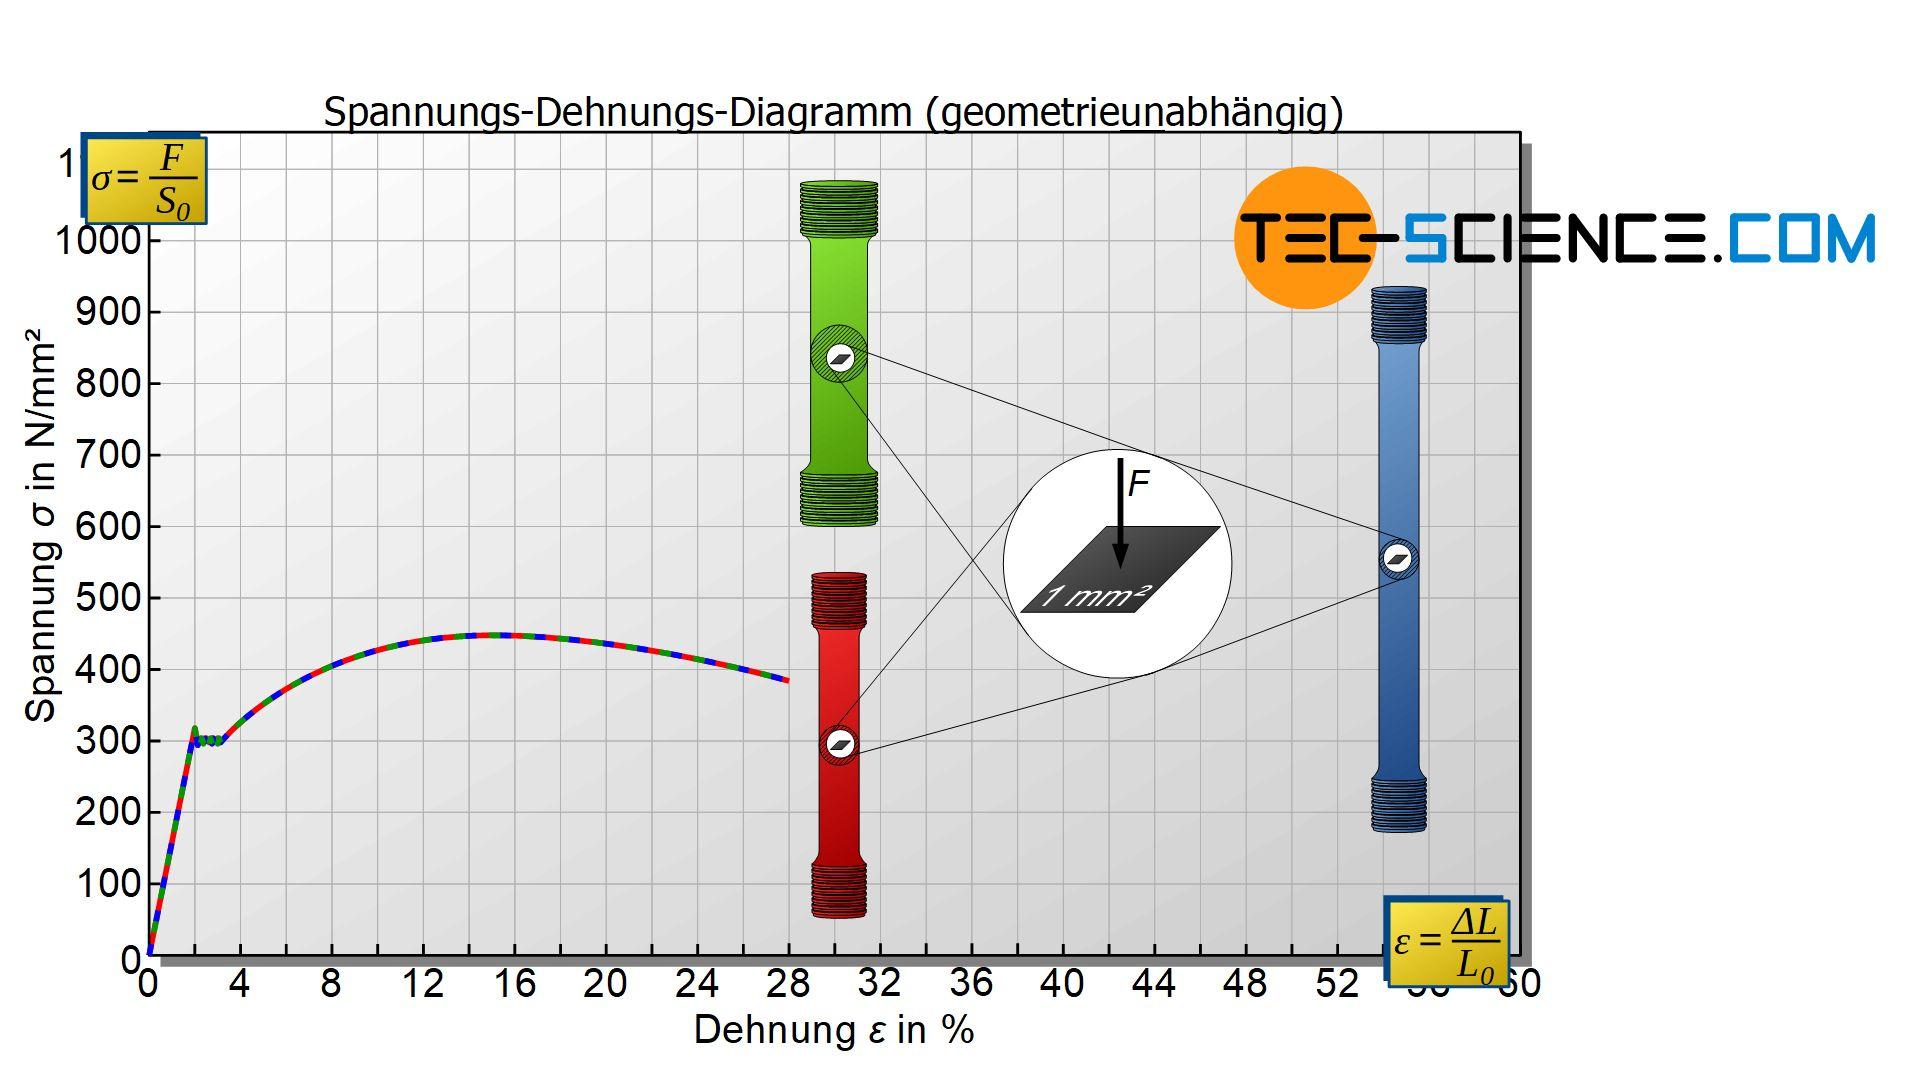 Spannung-Dehnungs-Diagramm